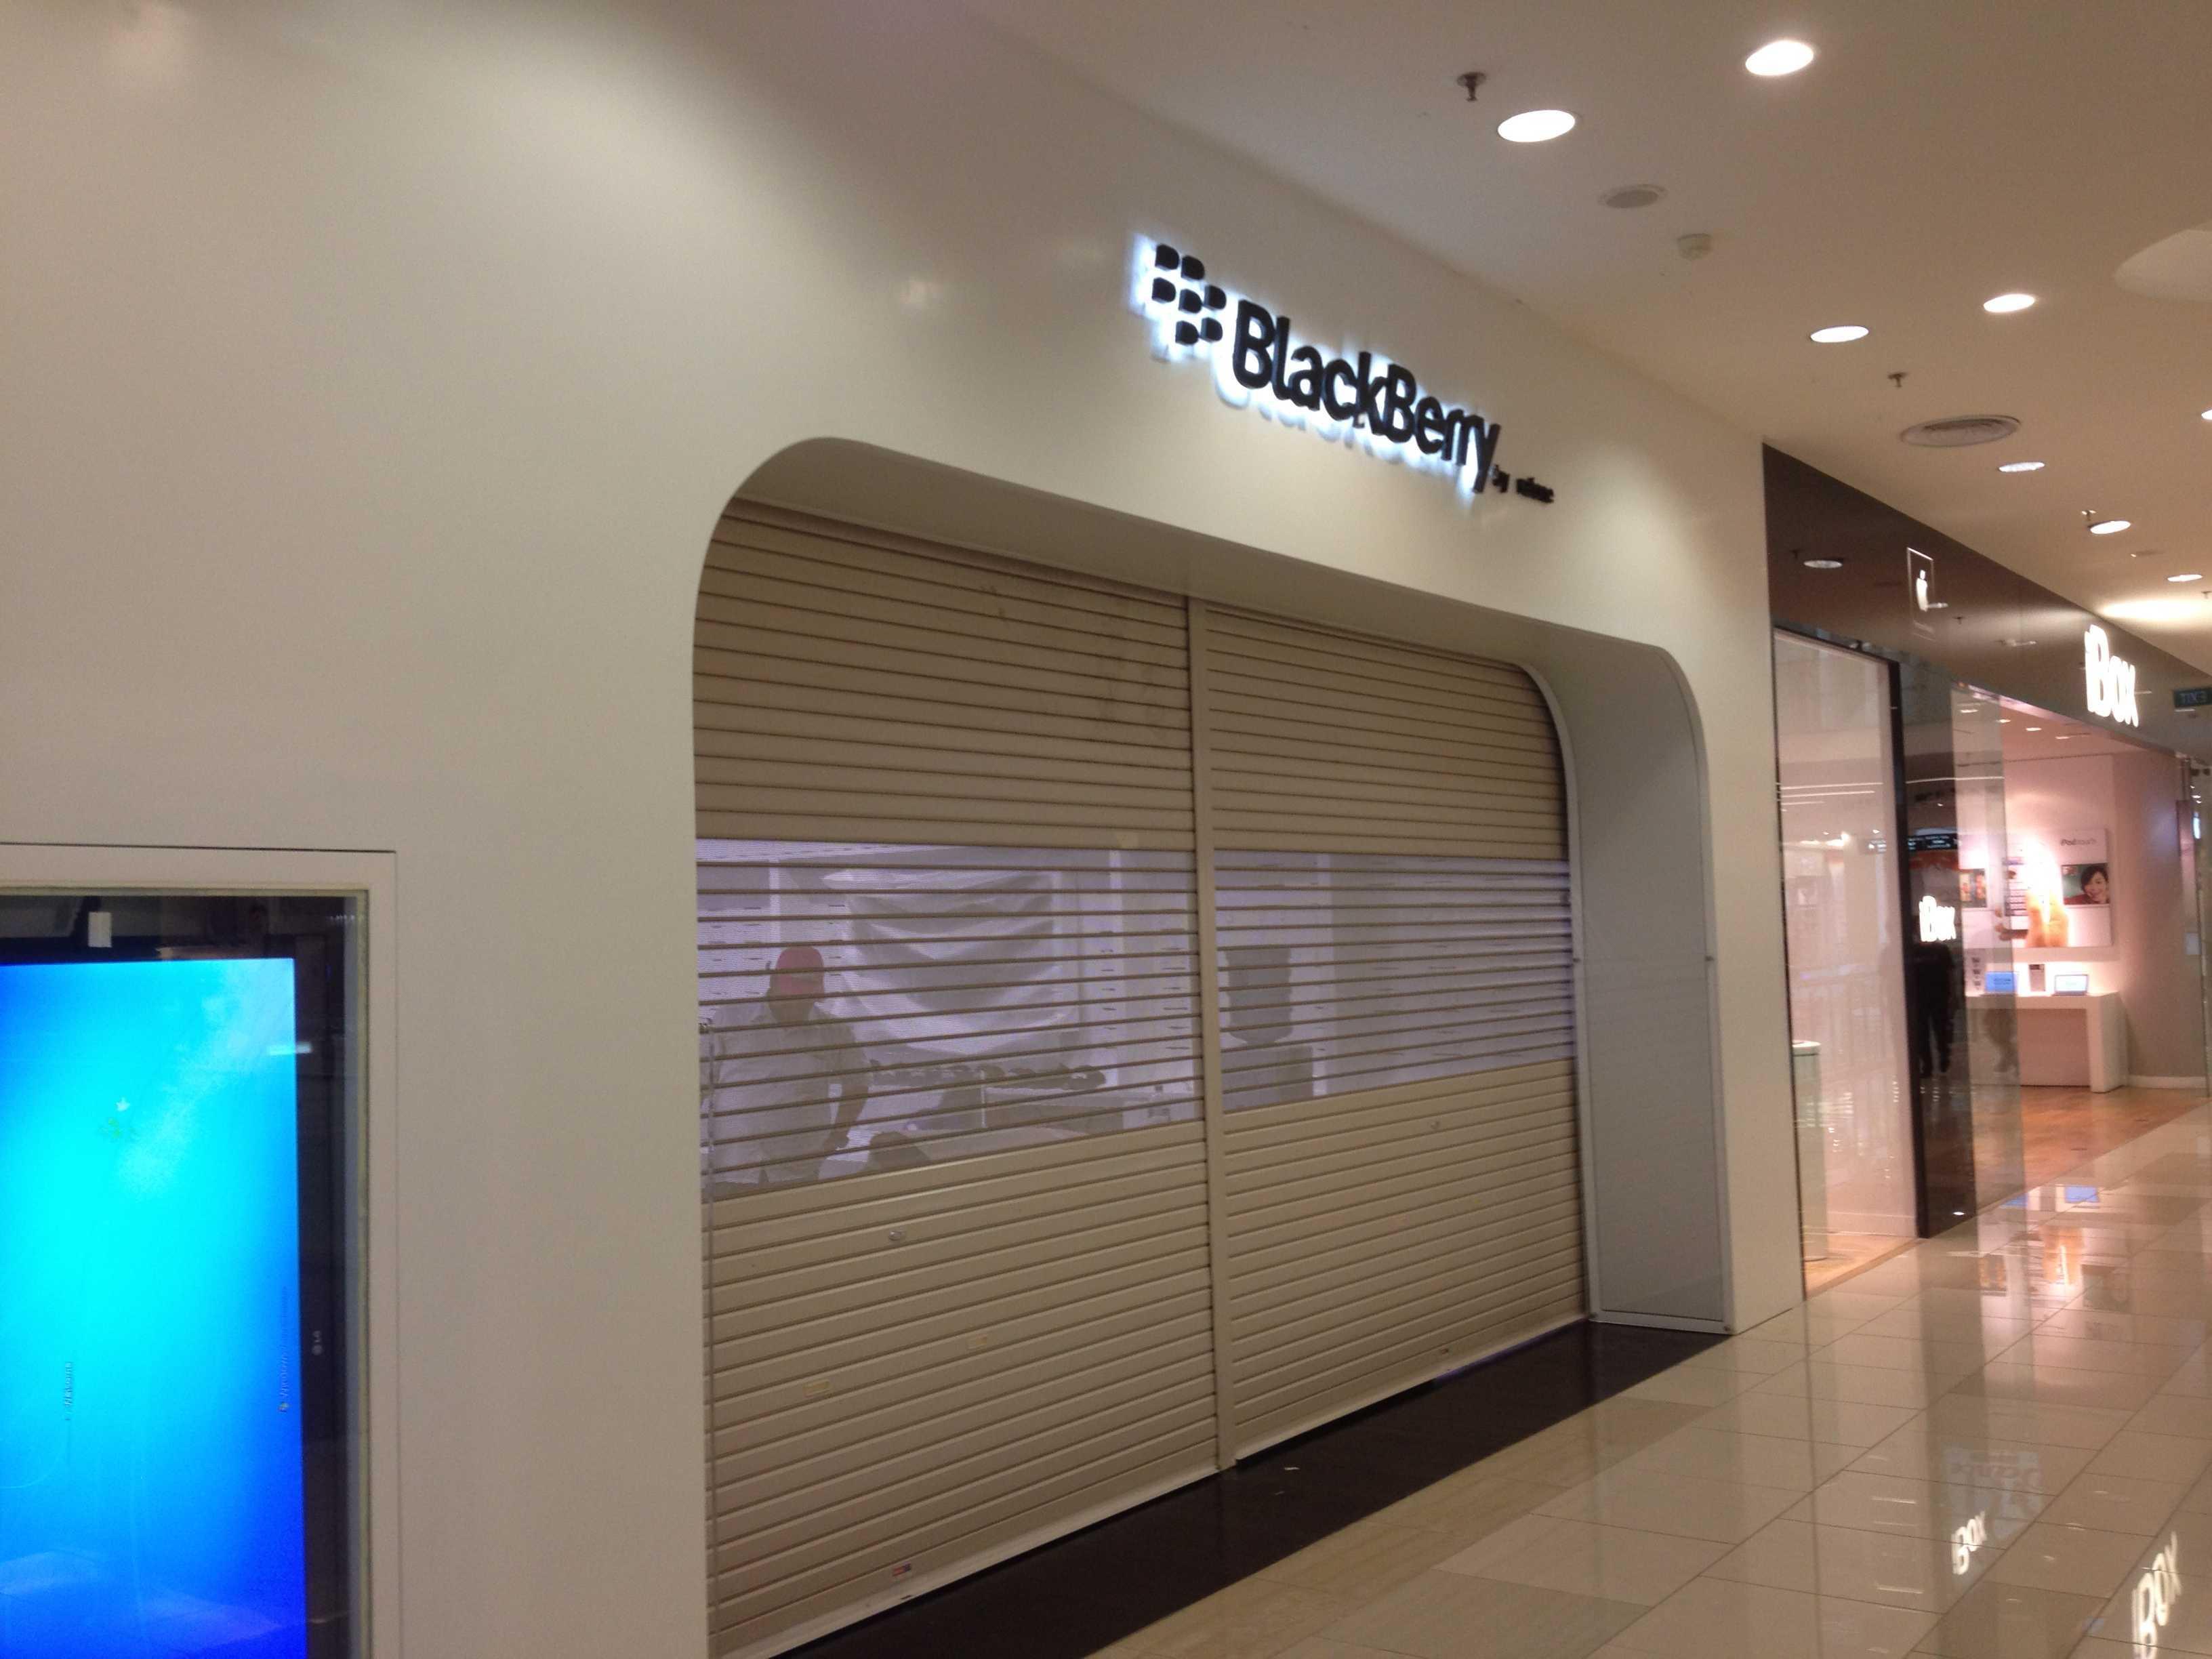 Astana Interior Blackberry Store Gandaria Jakarta, Daerah Khusus Ibukota Jakarta, Indonesia Jakarta, Daerah Khusus Ibukota Jakarta, Indonesia Astana-Interior-Blackberry-Store-Gandaria   58023